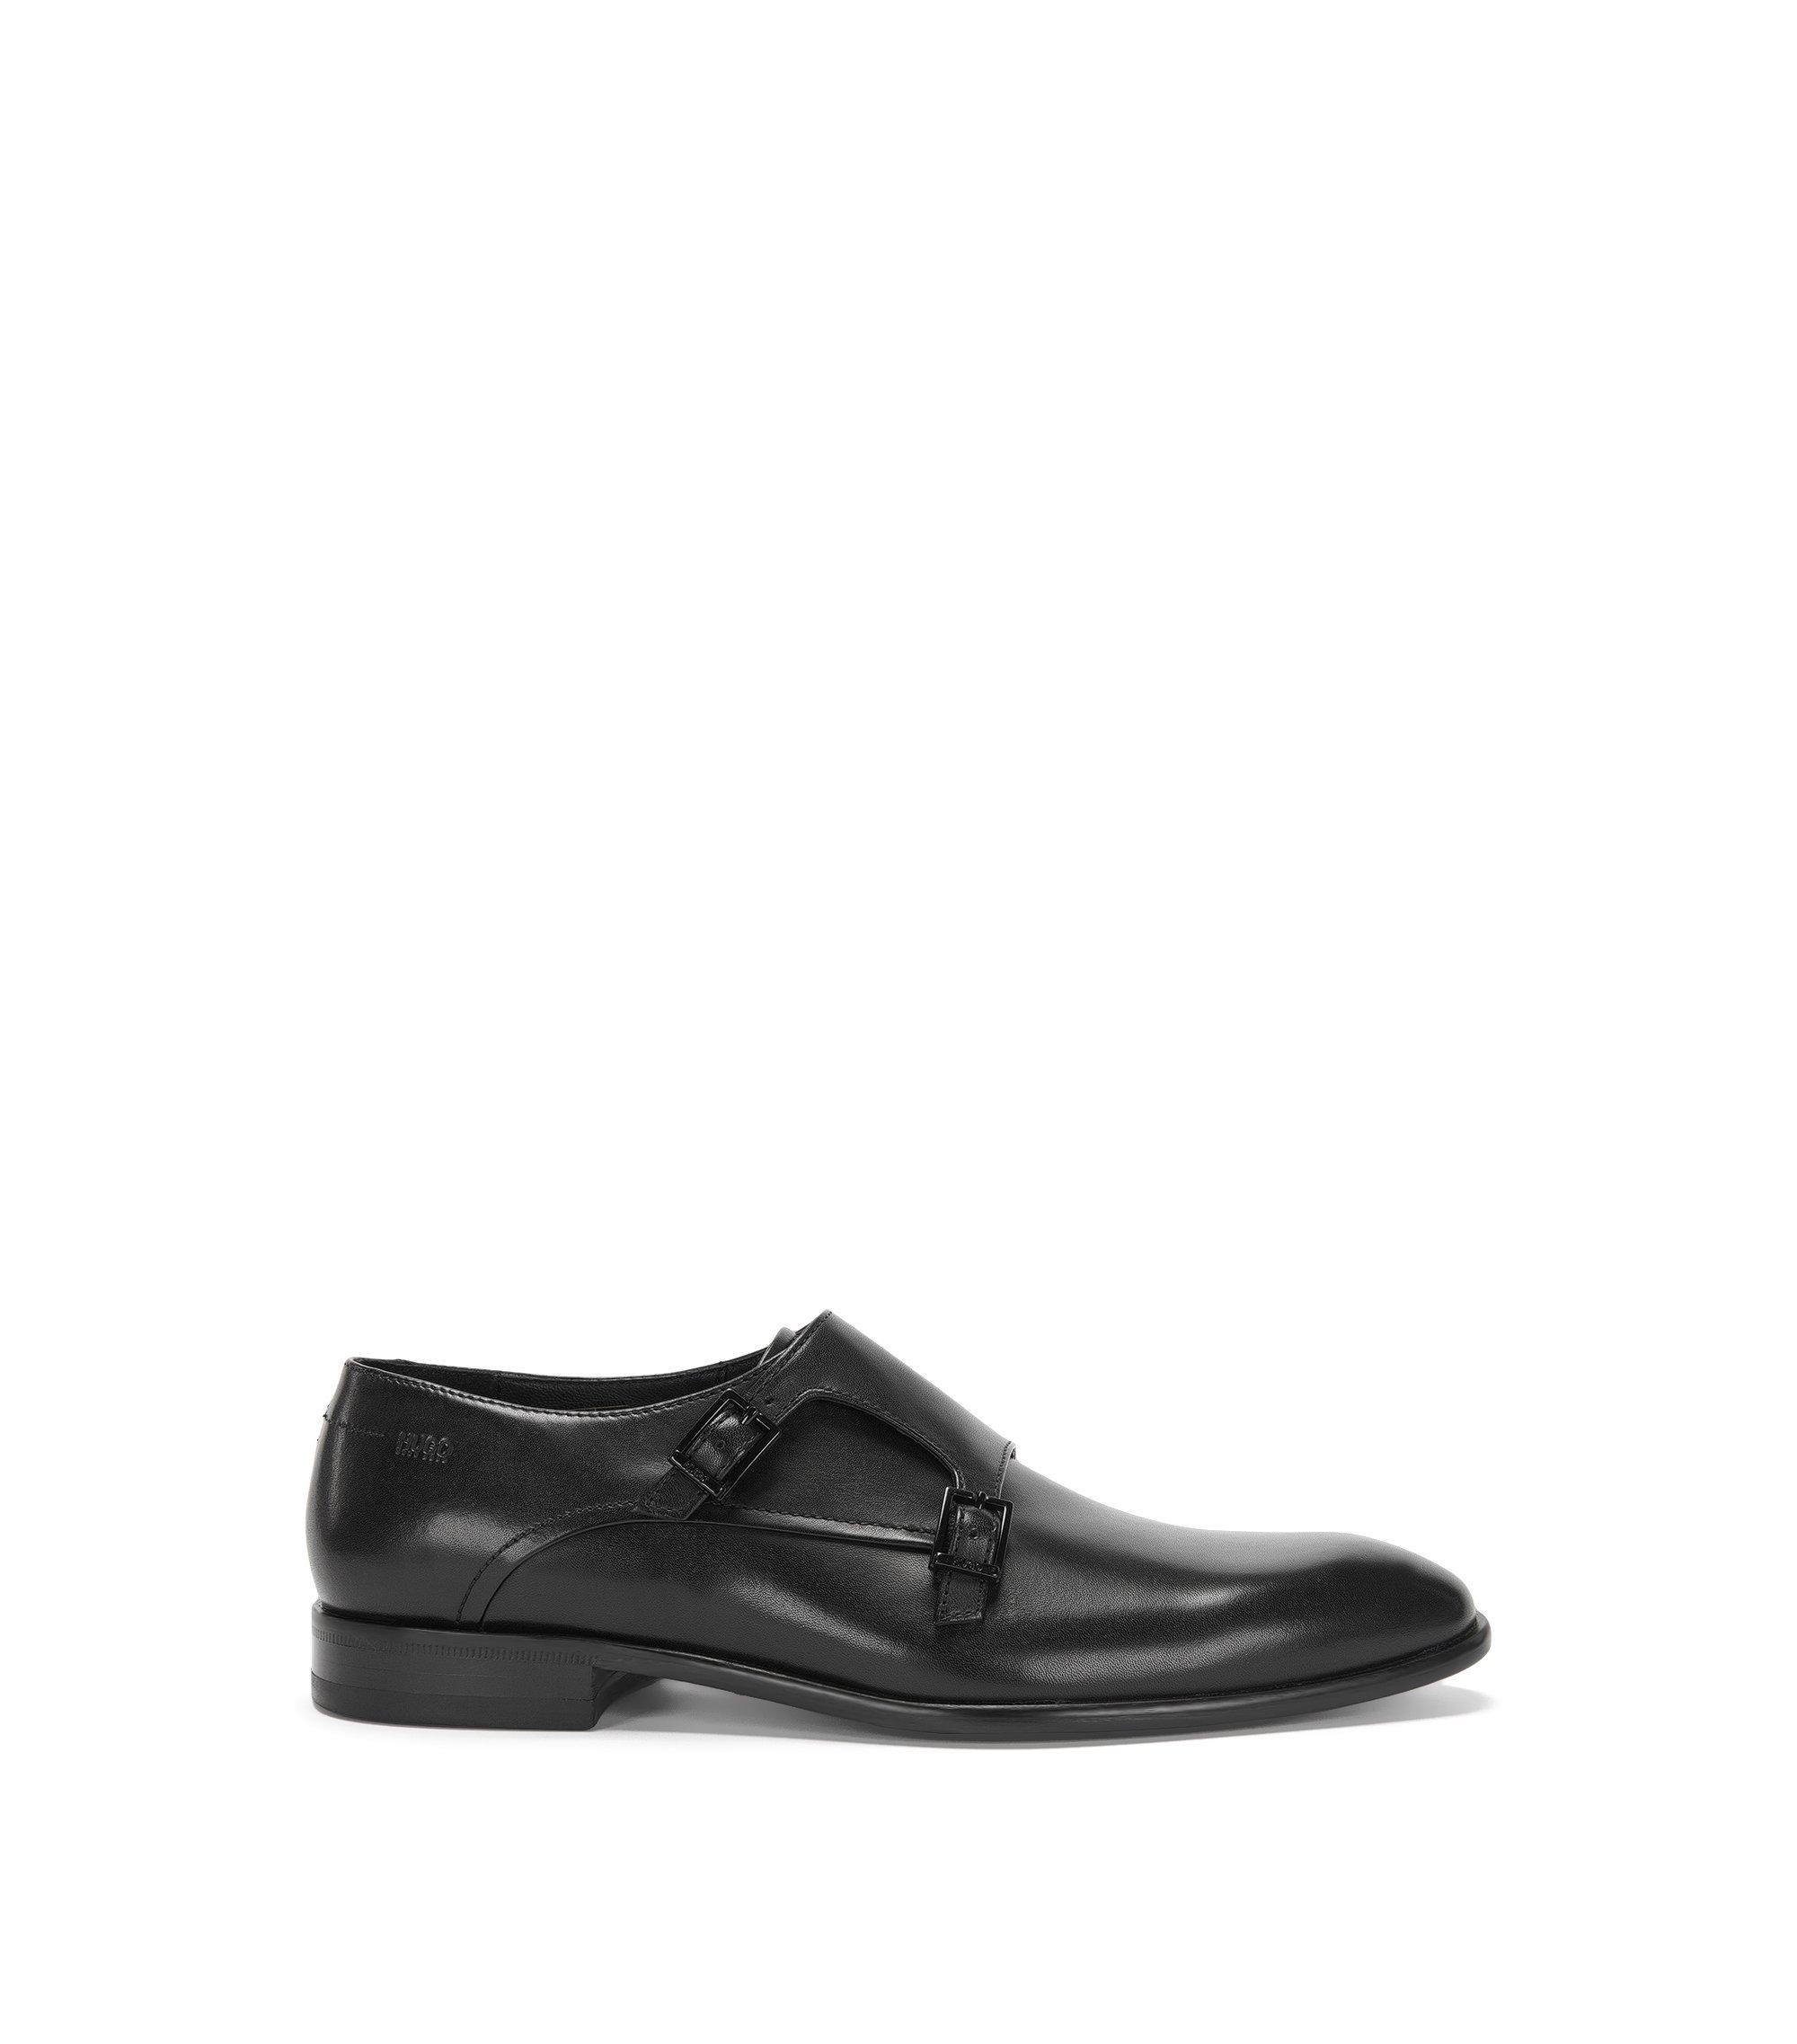 Calfskin Double Monk Strap Dress Shoe | Dressapp Monk Bu, Black